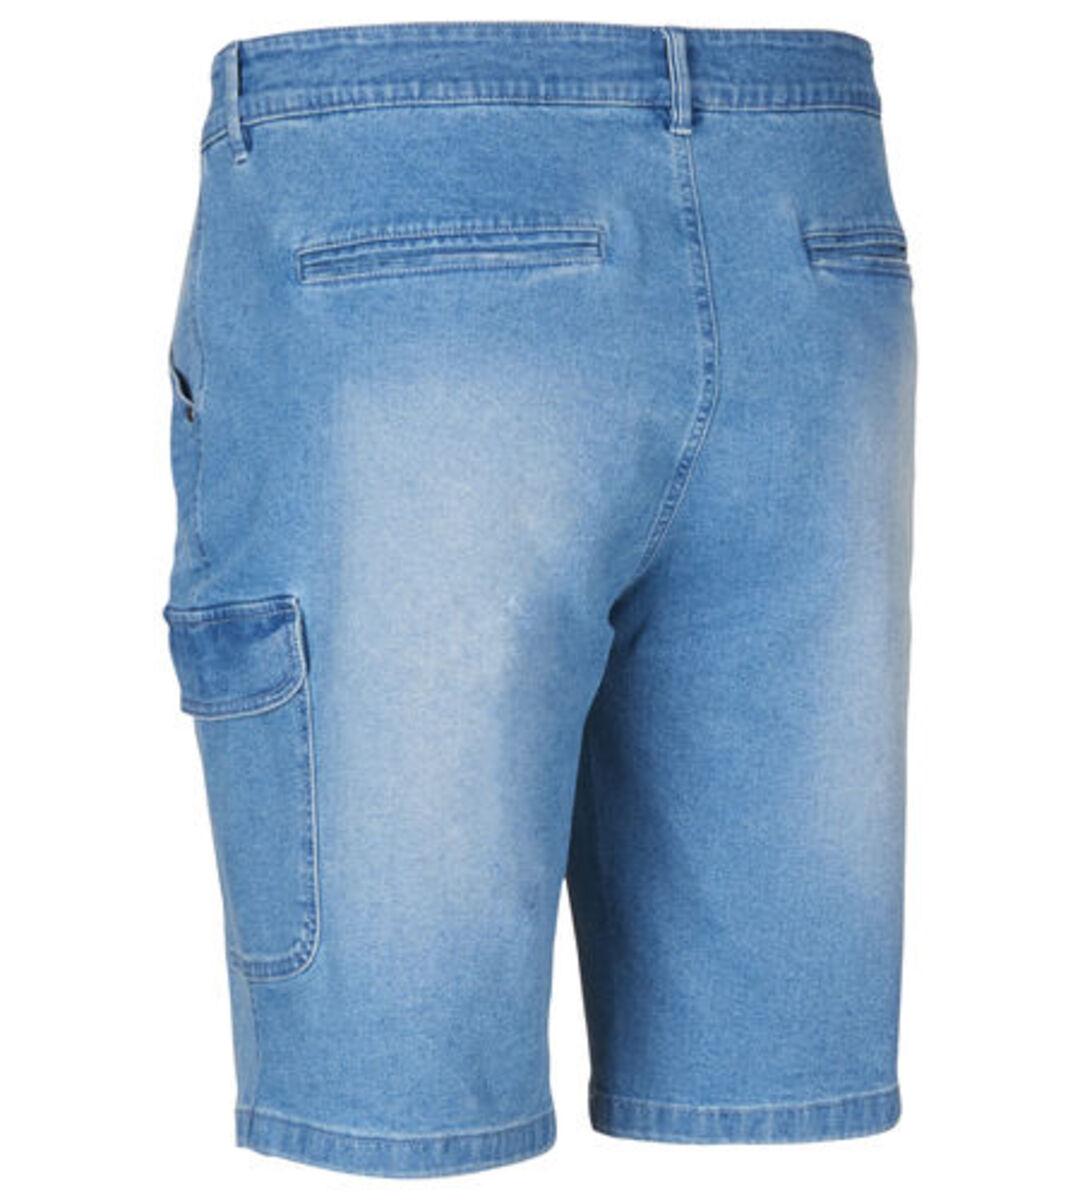 Bild 2 von Identic More Jeans-Shorts